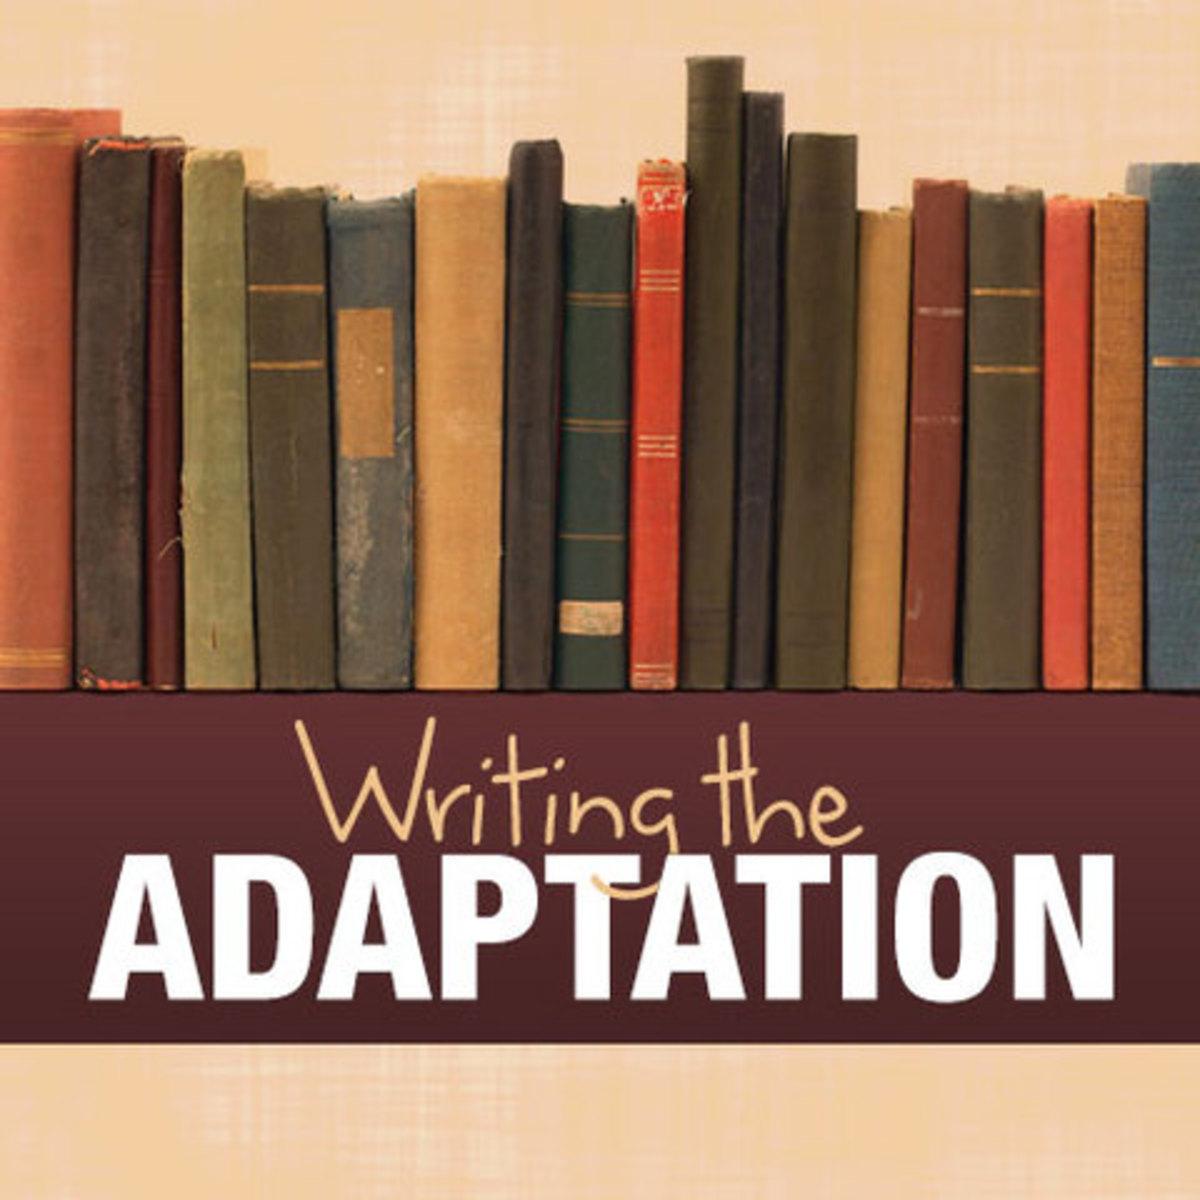 ws_adaptation_medium